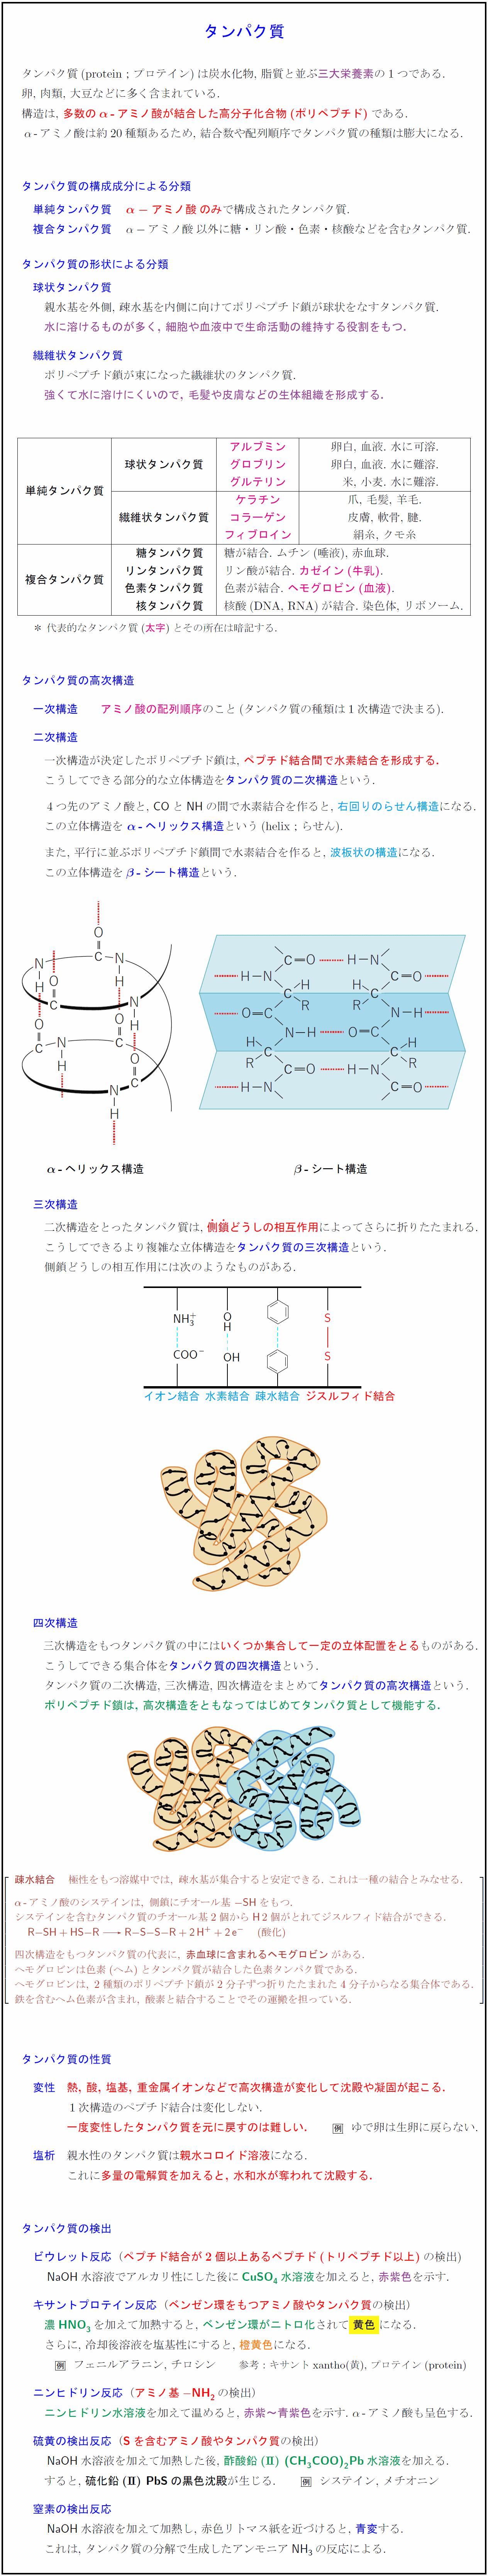 protein@2x